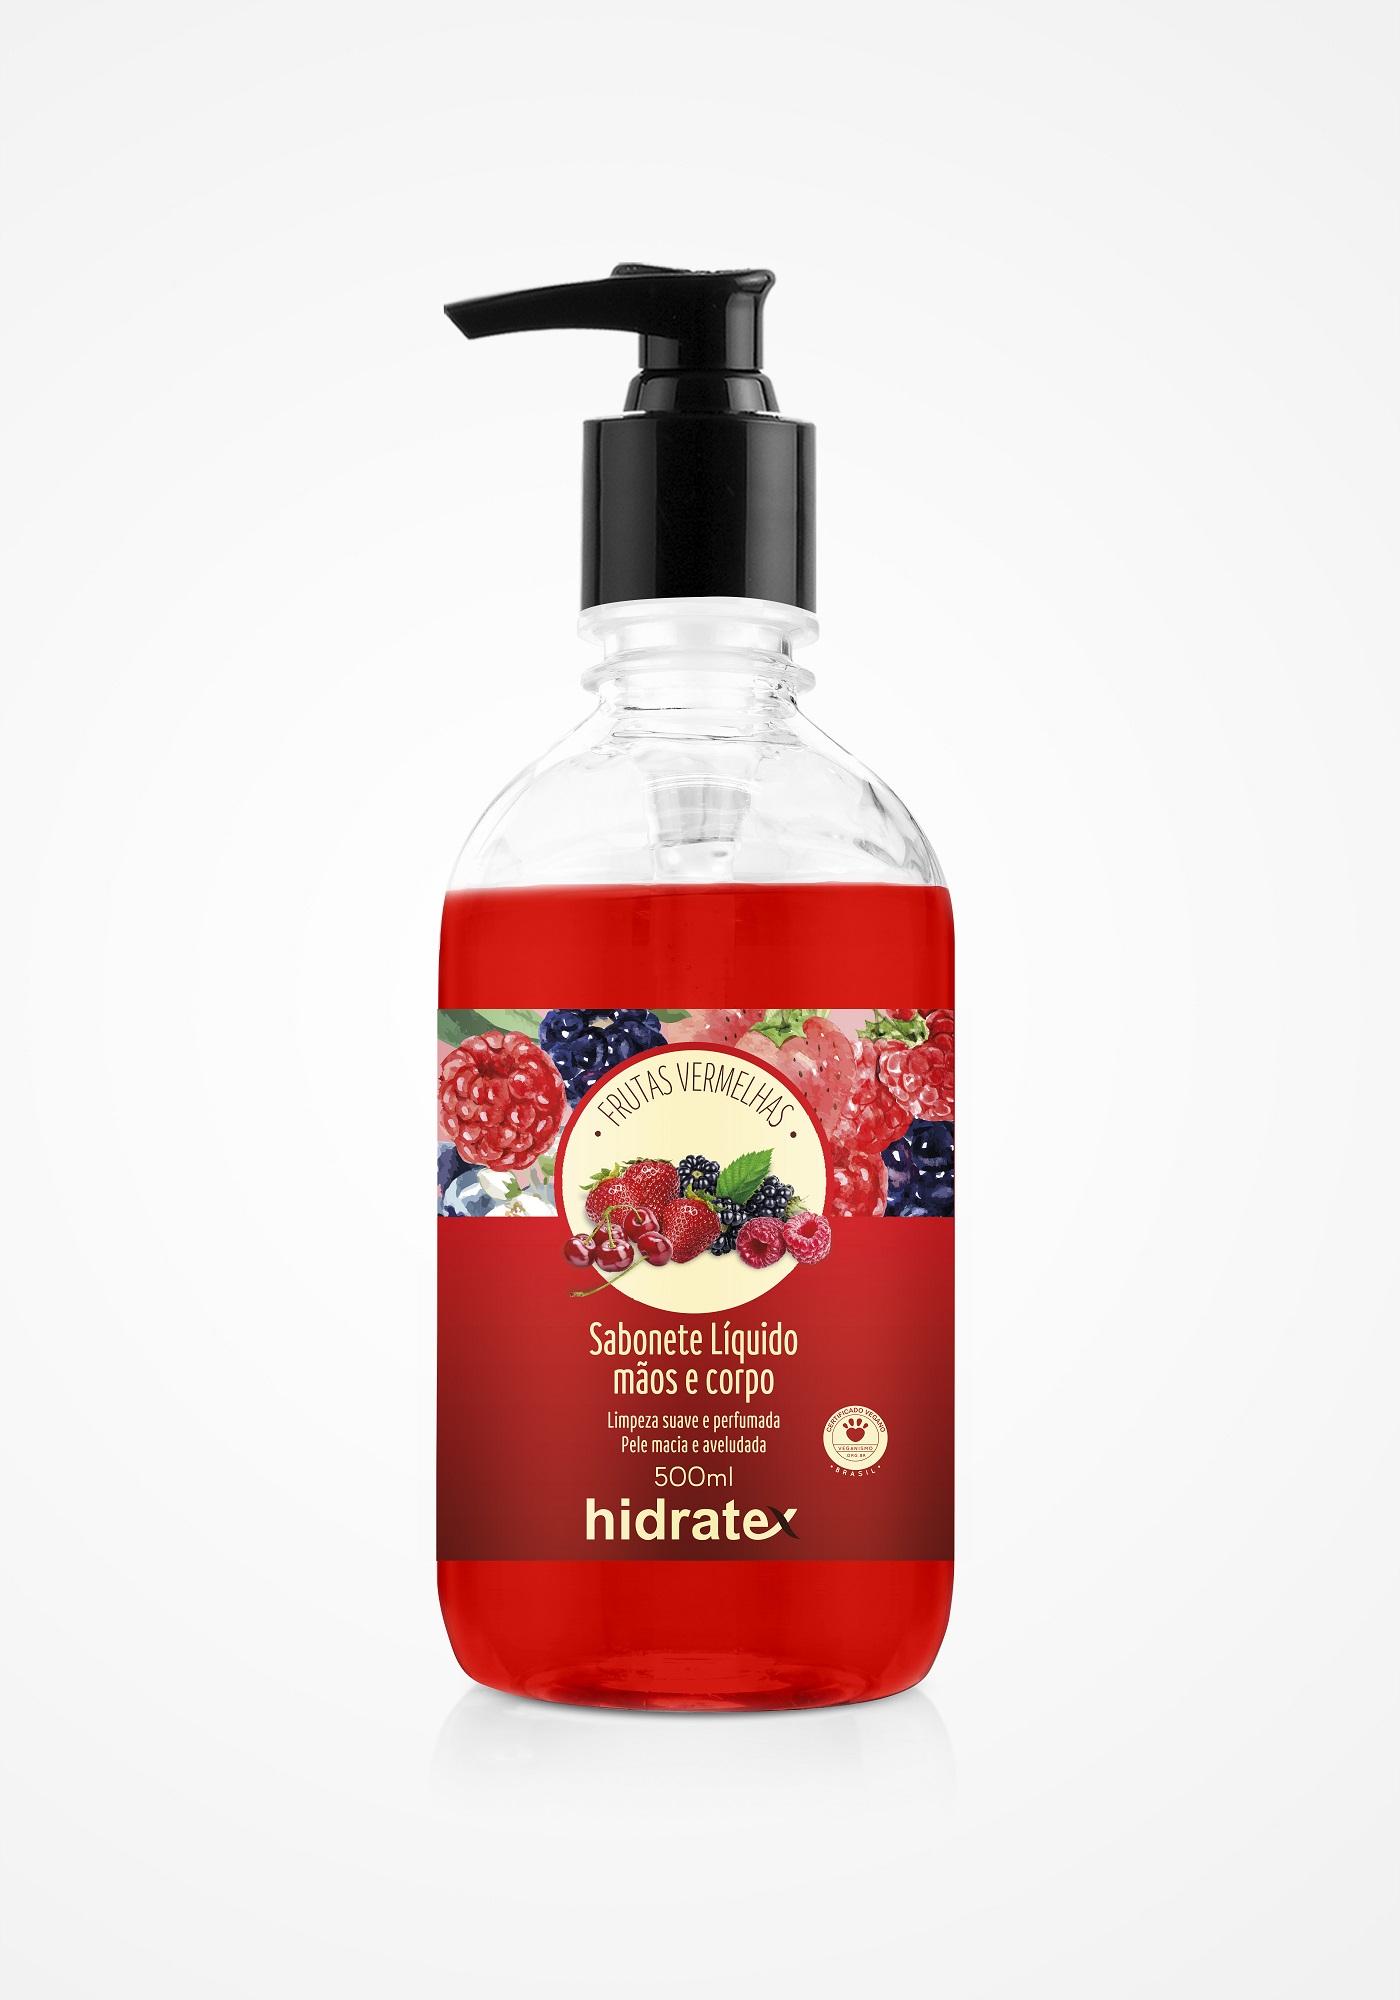 Sabonete Mãos e Corpo Hidratex Frutas Vermelhas 500ml